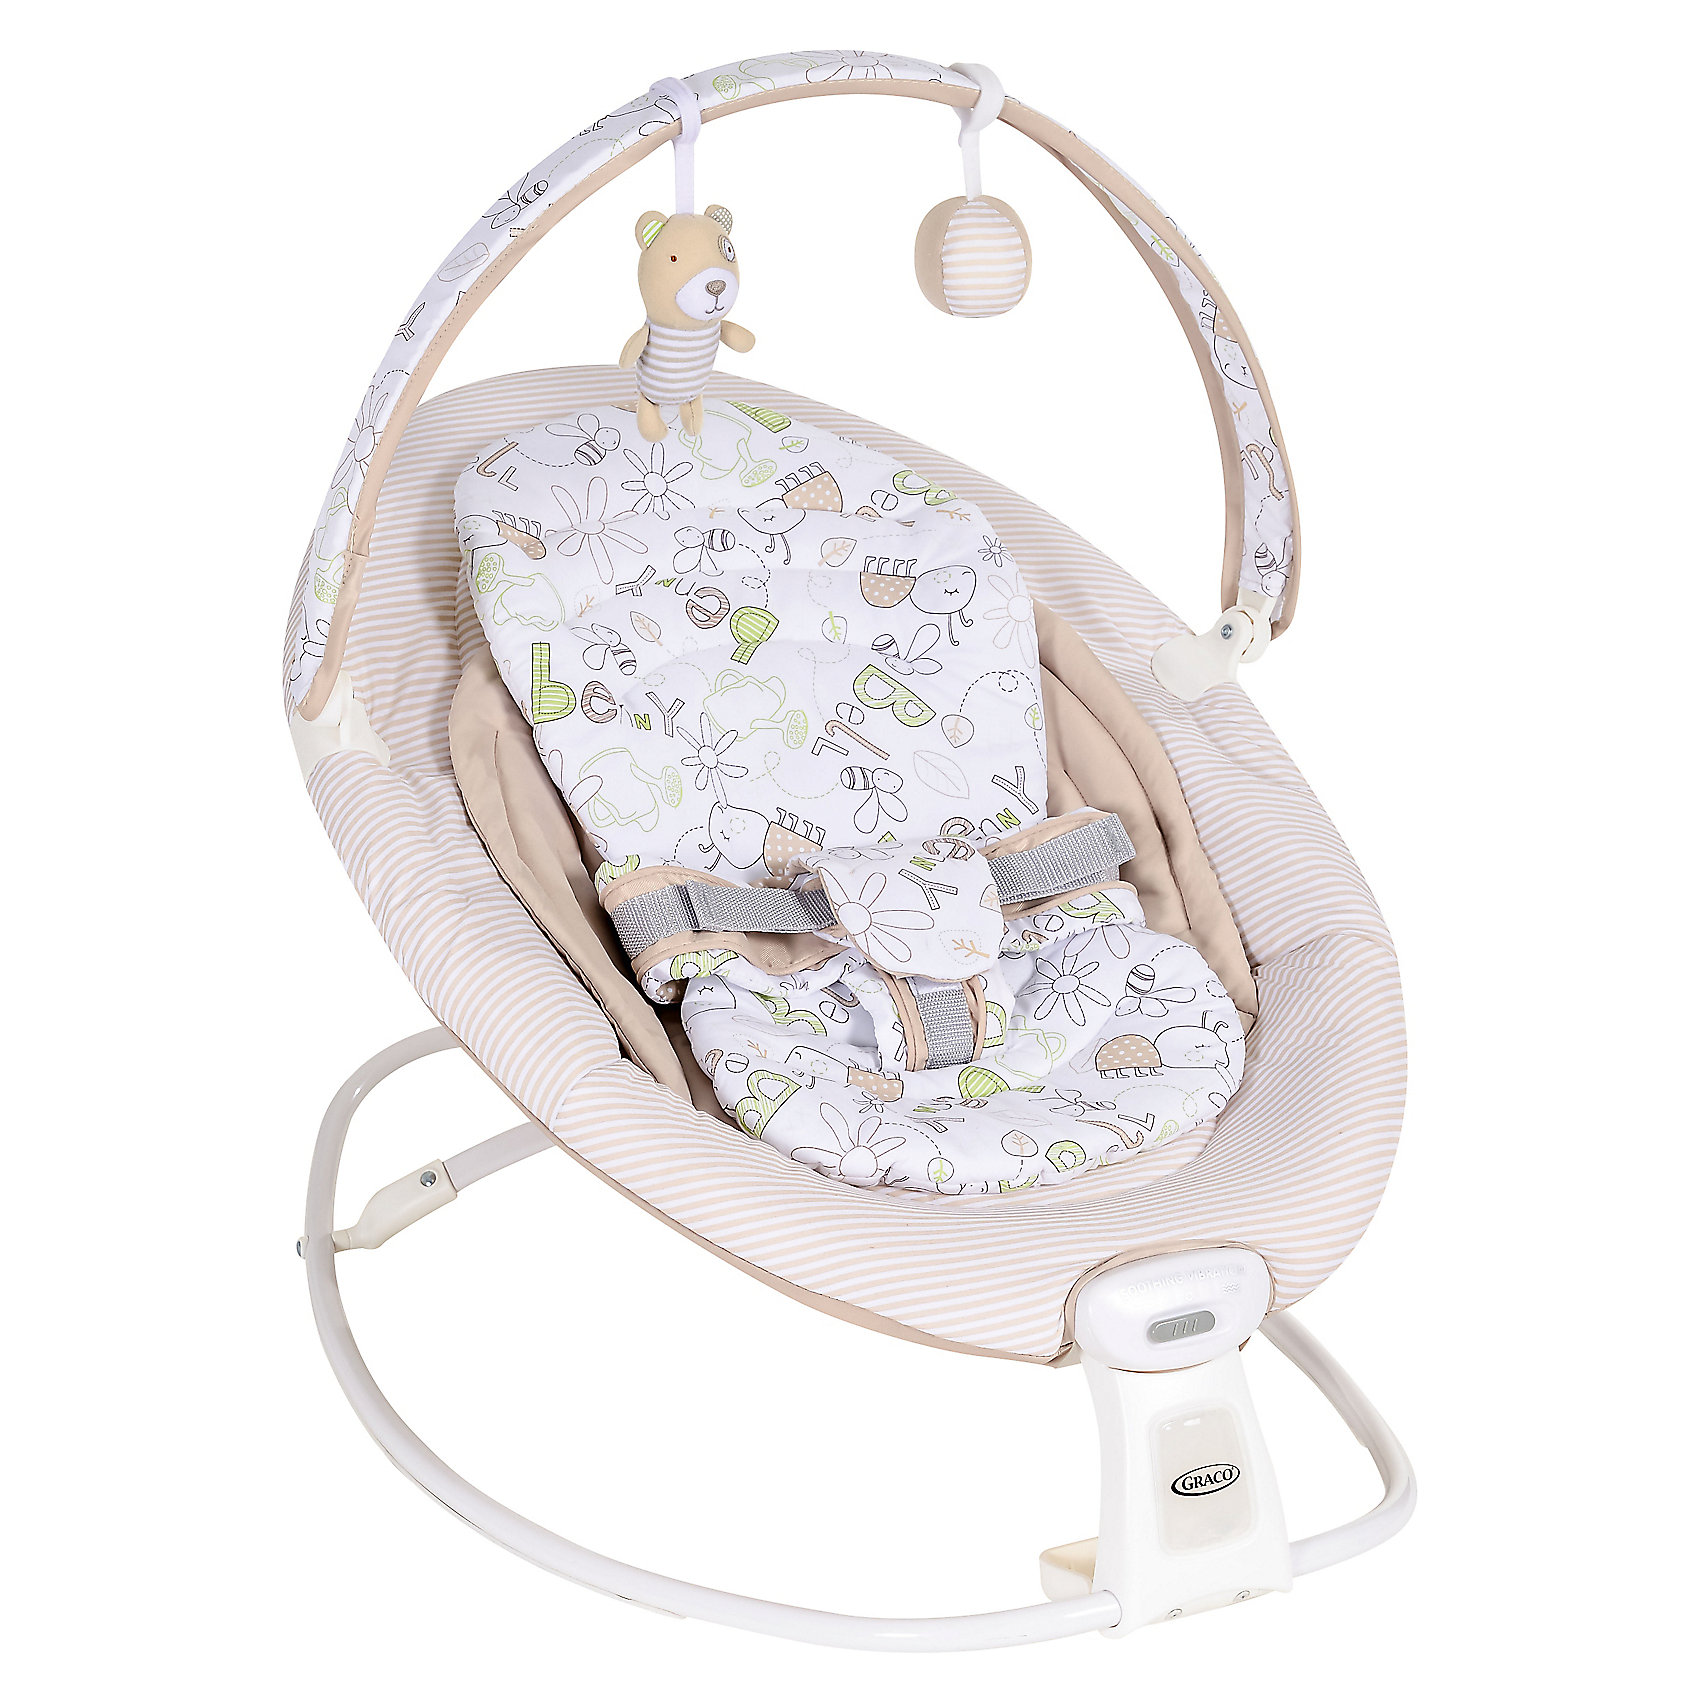 Кресло-качалка Duet Rocker, Graco, Benny and Bell, бежевыйКресла-качалки<br>Эта модель совмещает в себе функции кресла-качалки и неподвижного сиденья. Плавная вибрация помогает успокоить малыша, а встроенная перекладина с игрушками представляет собой источник развлечения для него.<br><br>Ширина мм: 640<br>Глубина мм: 580<br>Высота мм: 850<br>Вес г: 4000<br>Возраст от месяцев: 0<br>Возраст до месяцев: 12<br>Пол: Унисекс<br>Возраст: Детский<br>SKU: 6757375